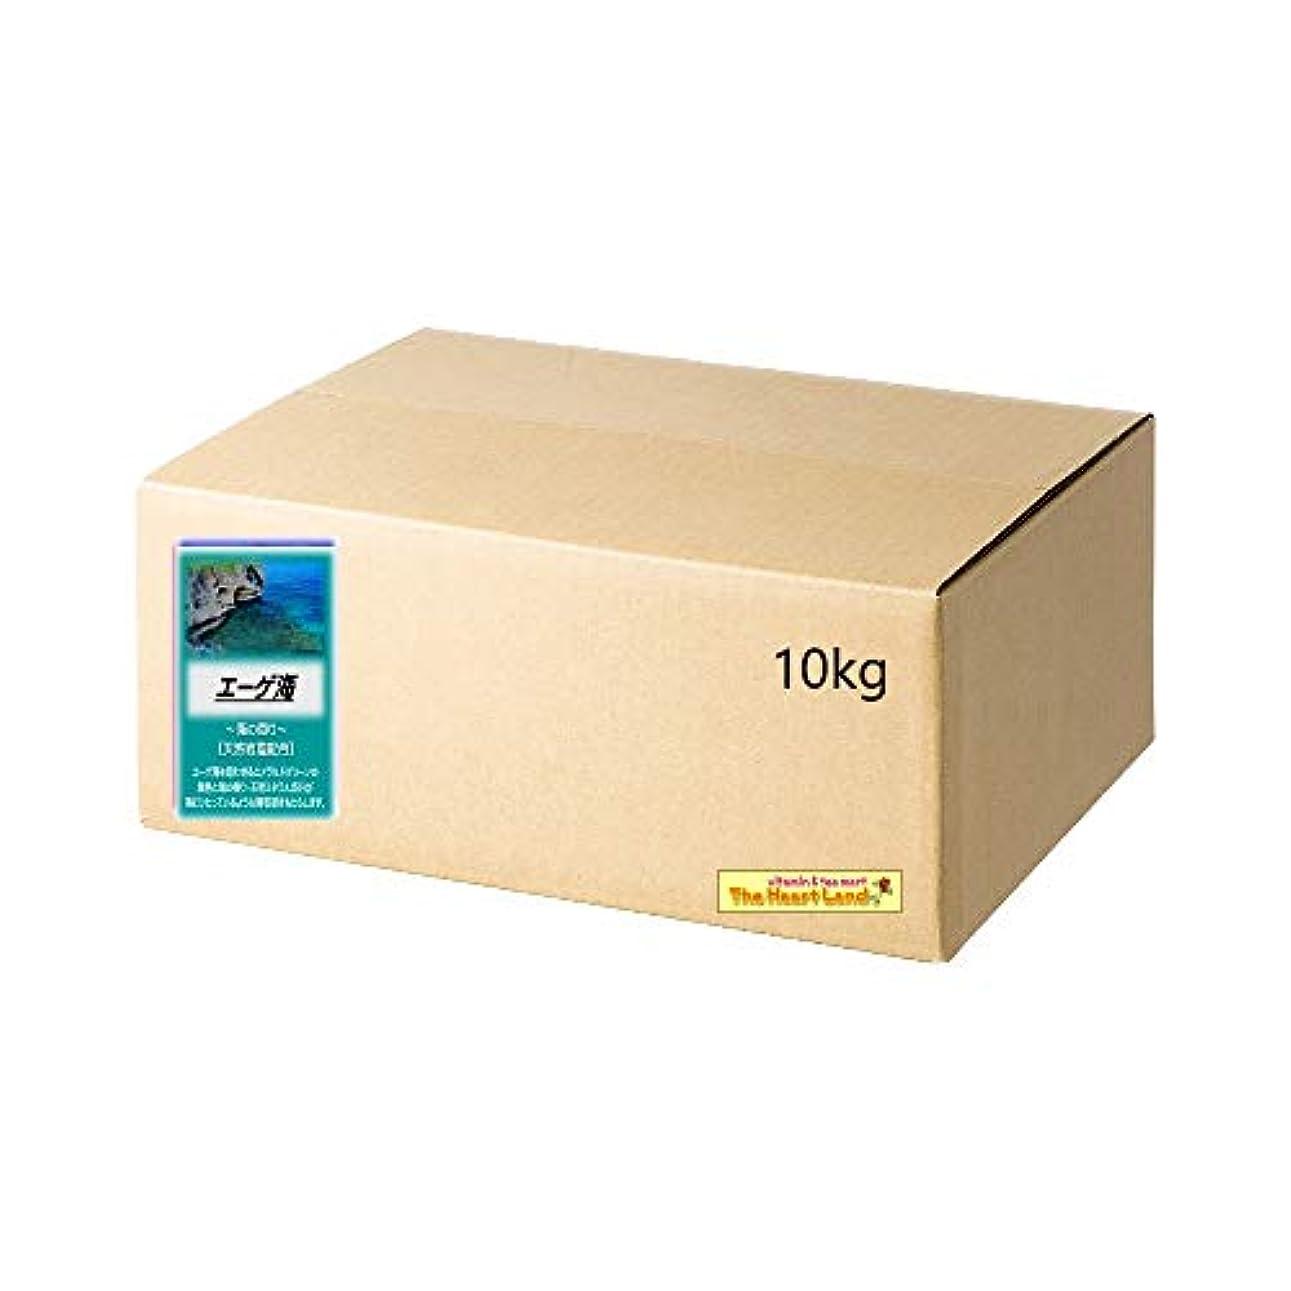 み区カートンアサヒ入浴剤 浴用入浴化粧品 エーゲ海 10kg